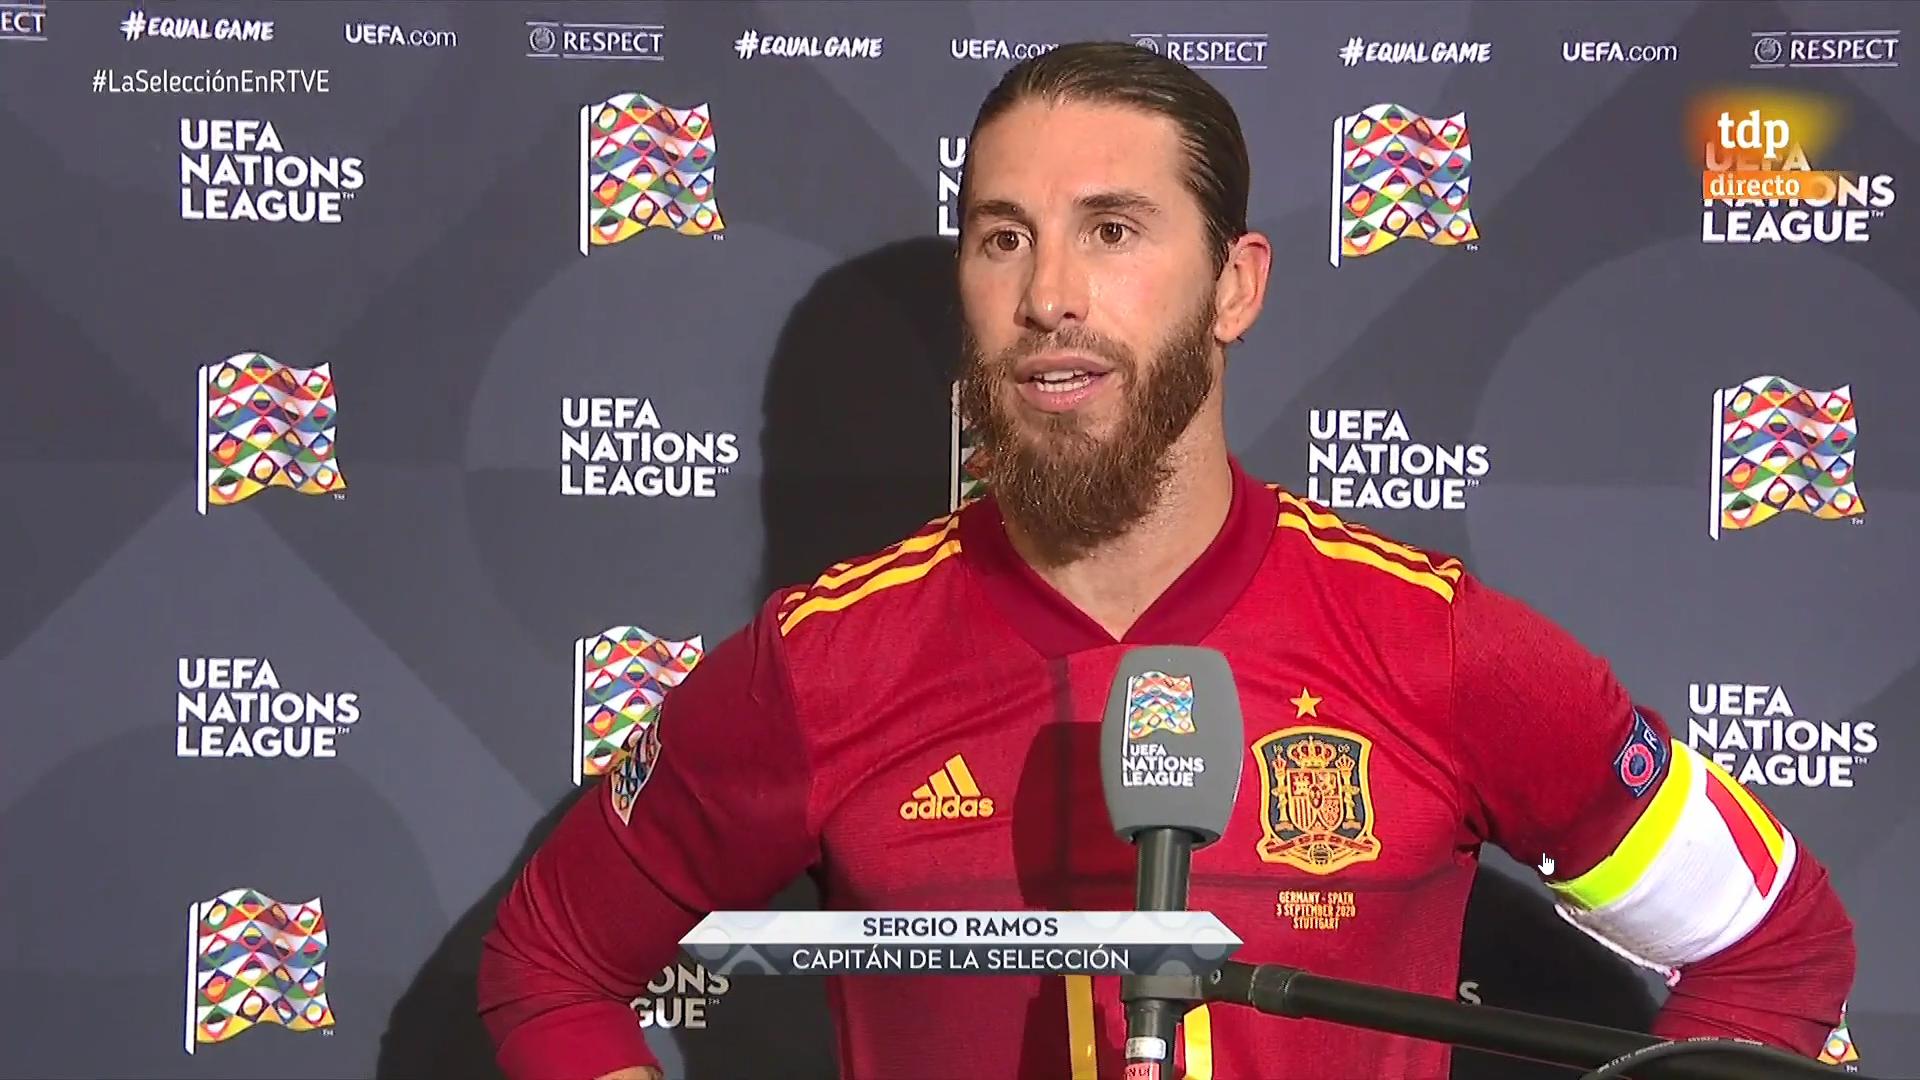 拉莫斯:对年轻球员首秀很满意,球队还需不断提高